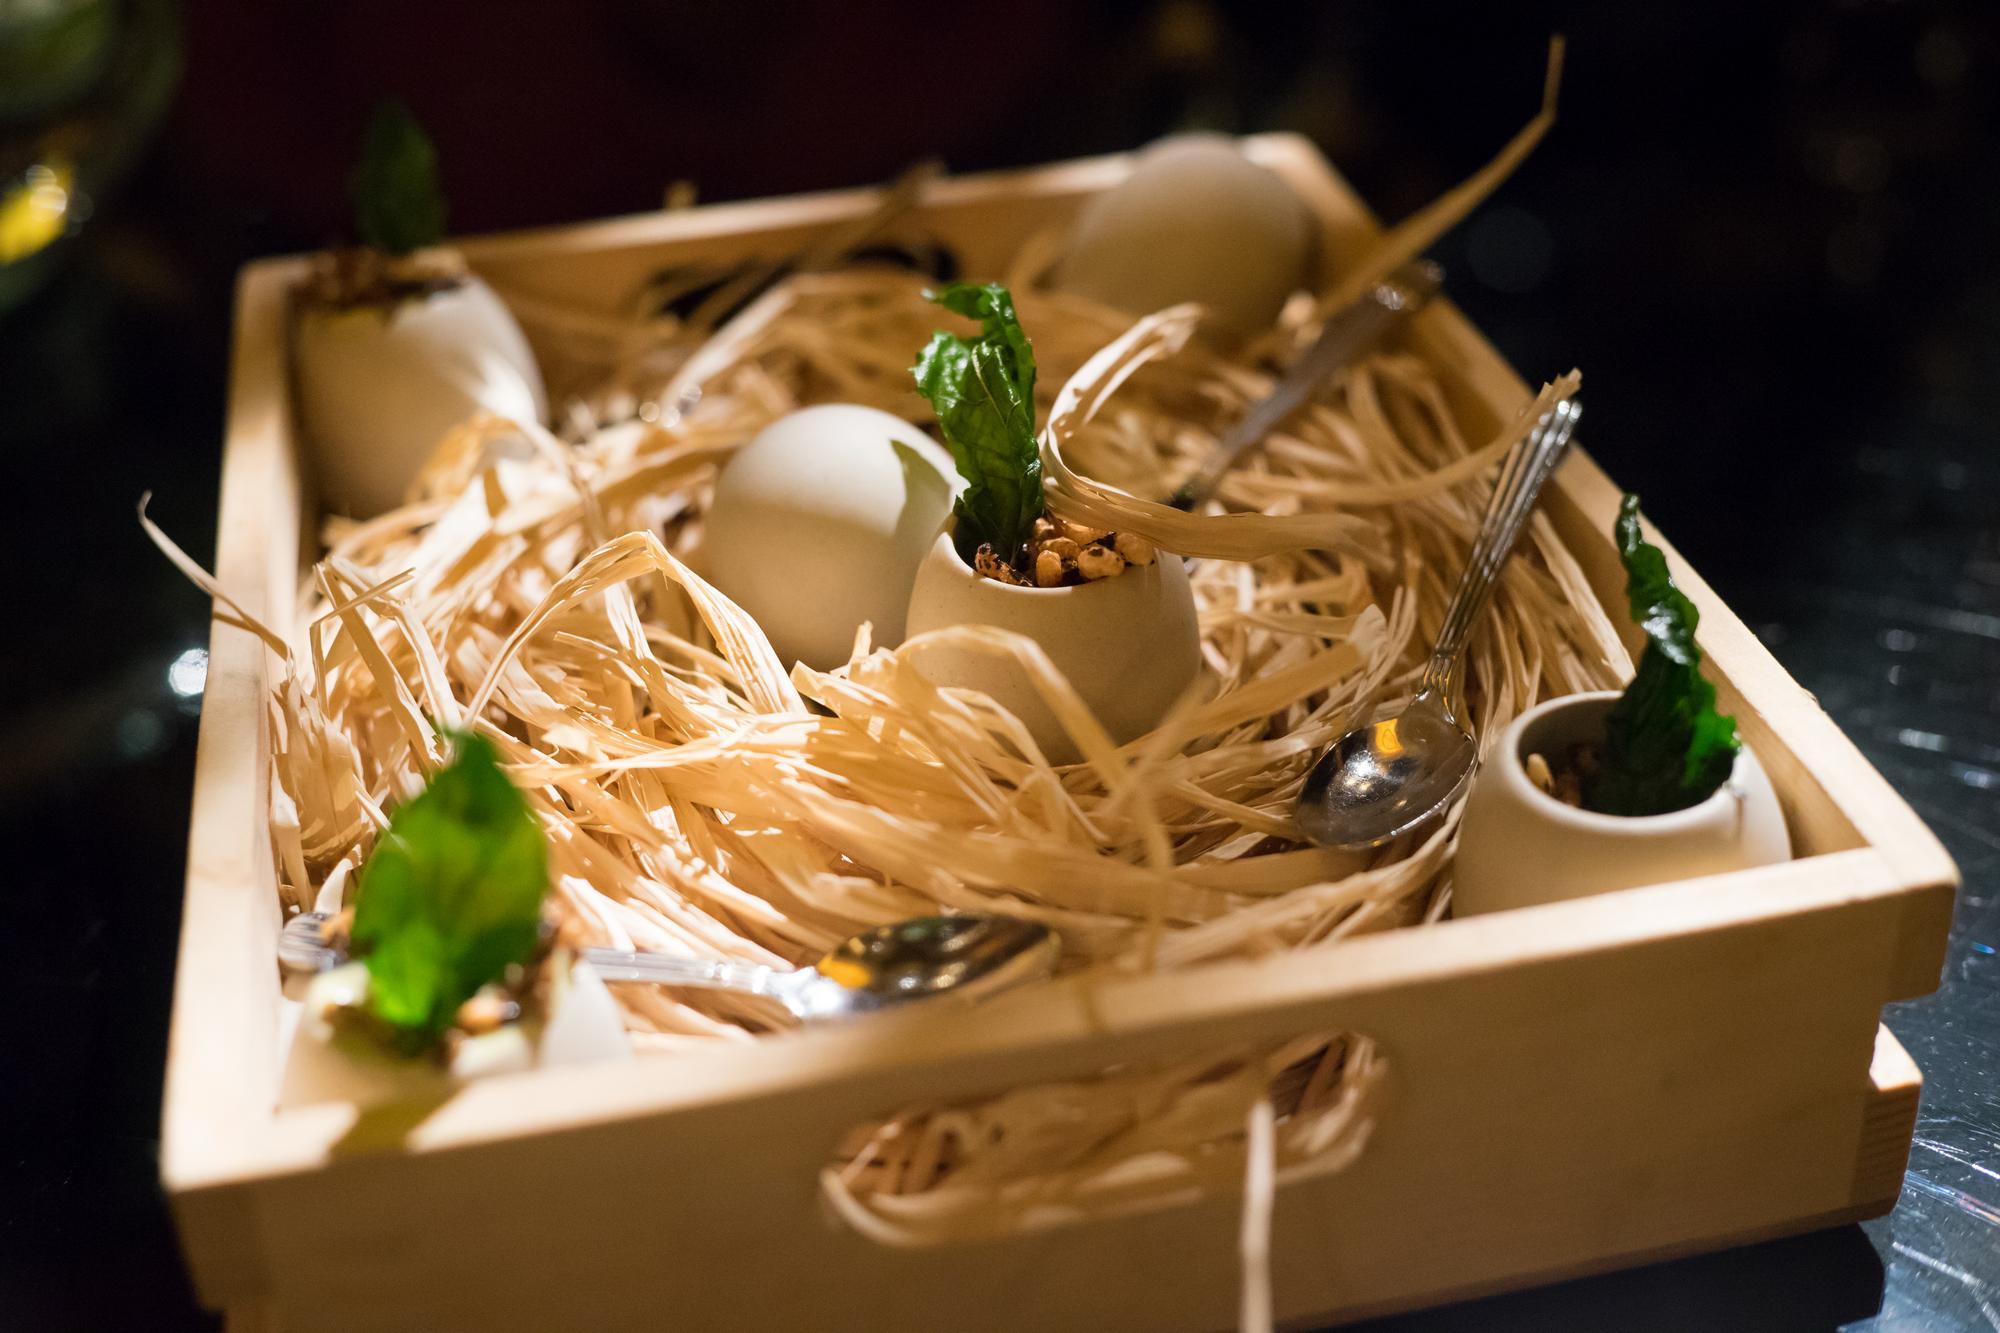 曼谷Sra Bua by Kiin Kiin 品嘗米其林等級的泰國分子料理